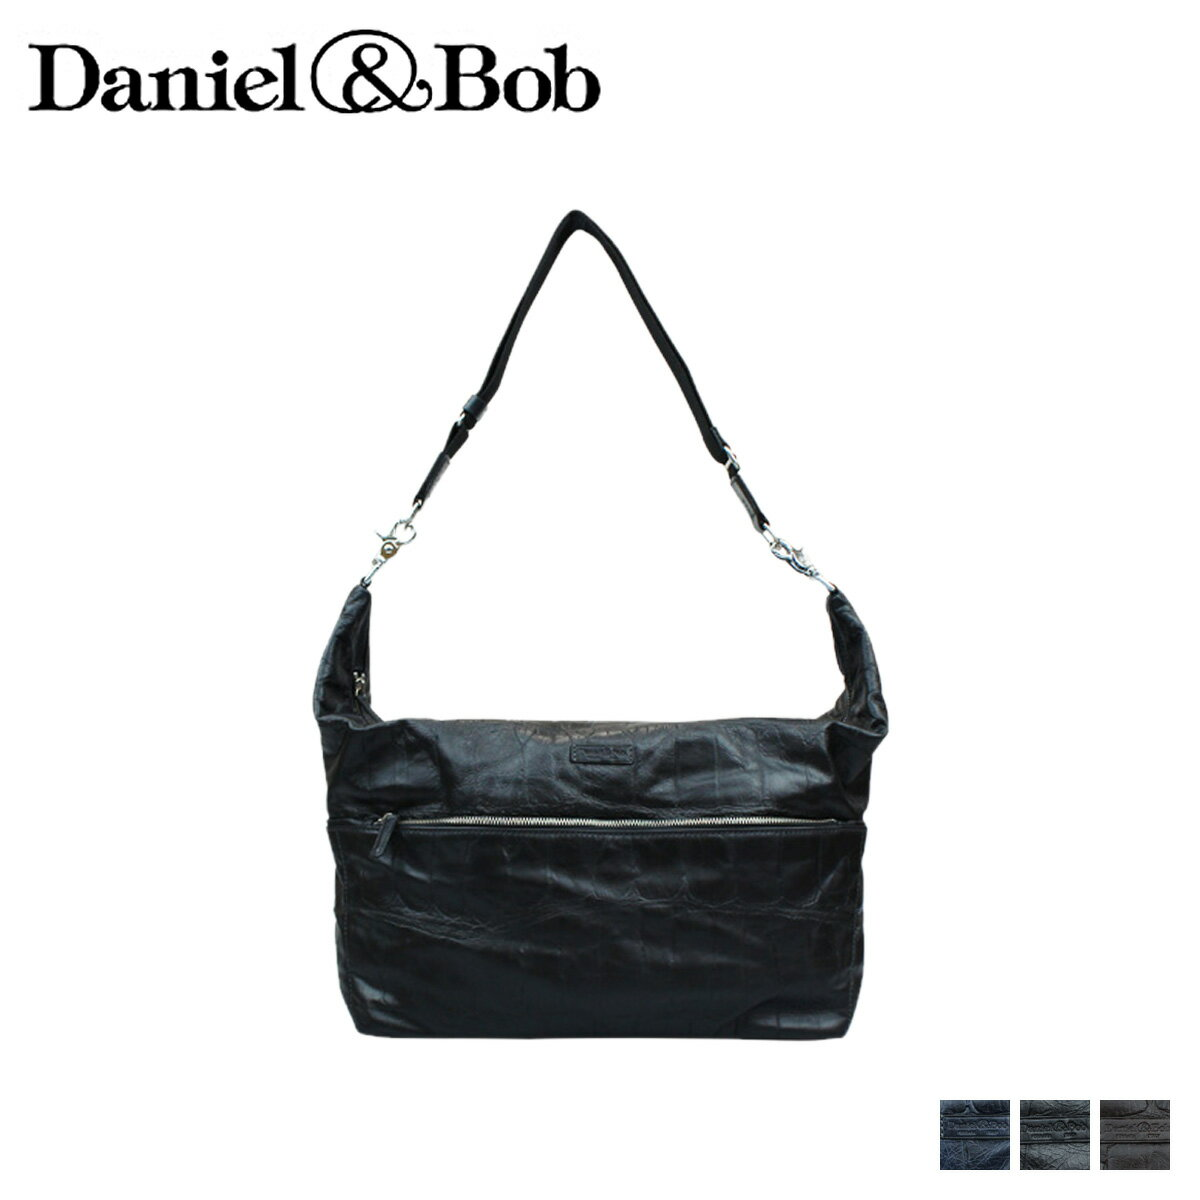 ダニエル&ボブ Daniel&Bob 3WAY ショルダーバッグ P034-1432 3カラー JASMINE COCCONE メンズ 【あす楽対象外】【返品不可】